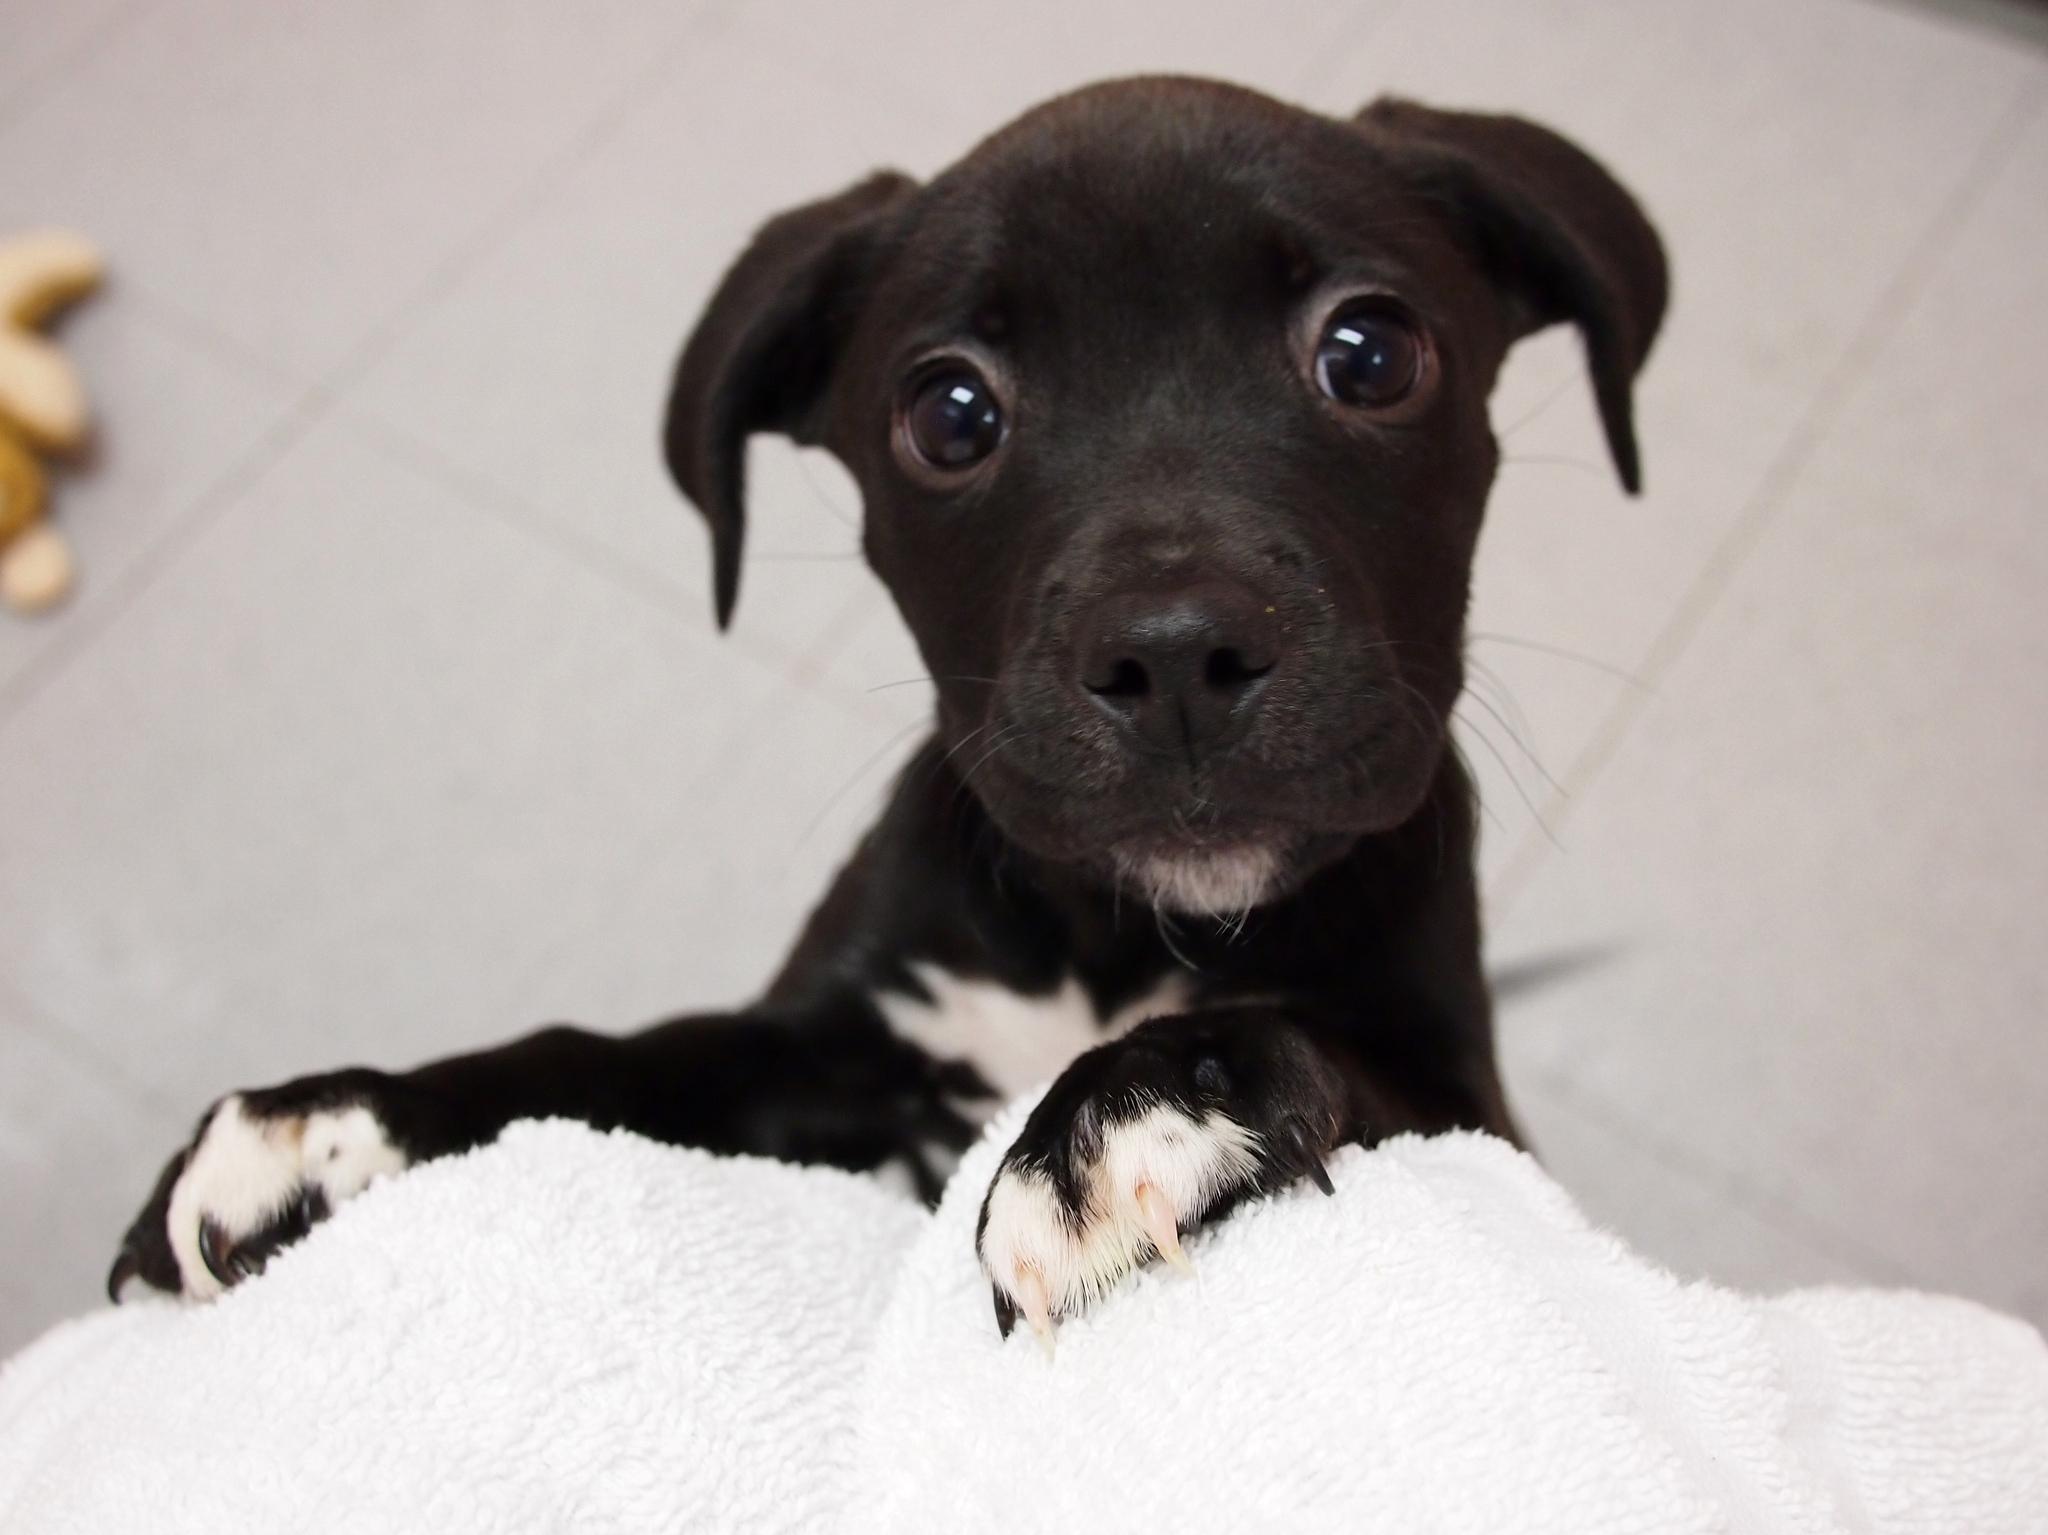 Scientists Probe Puppy Love